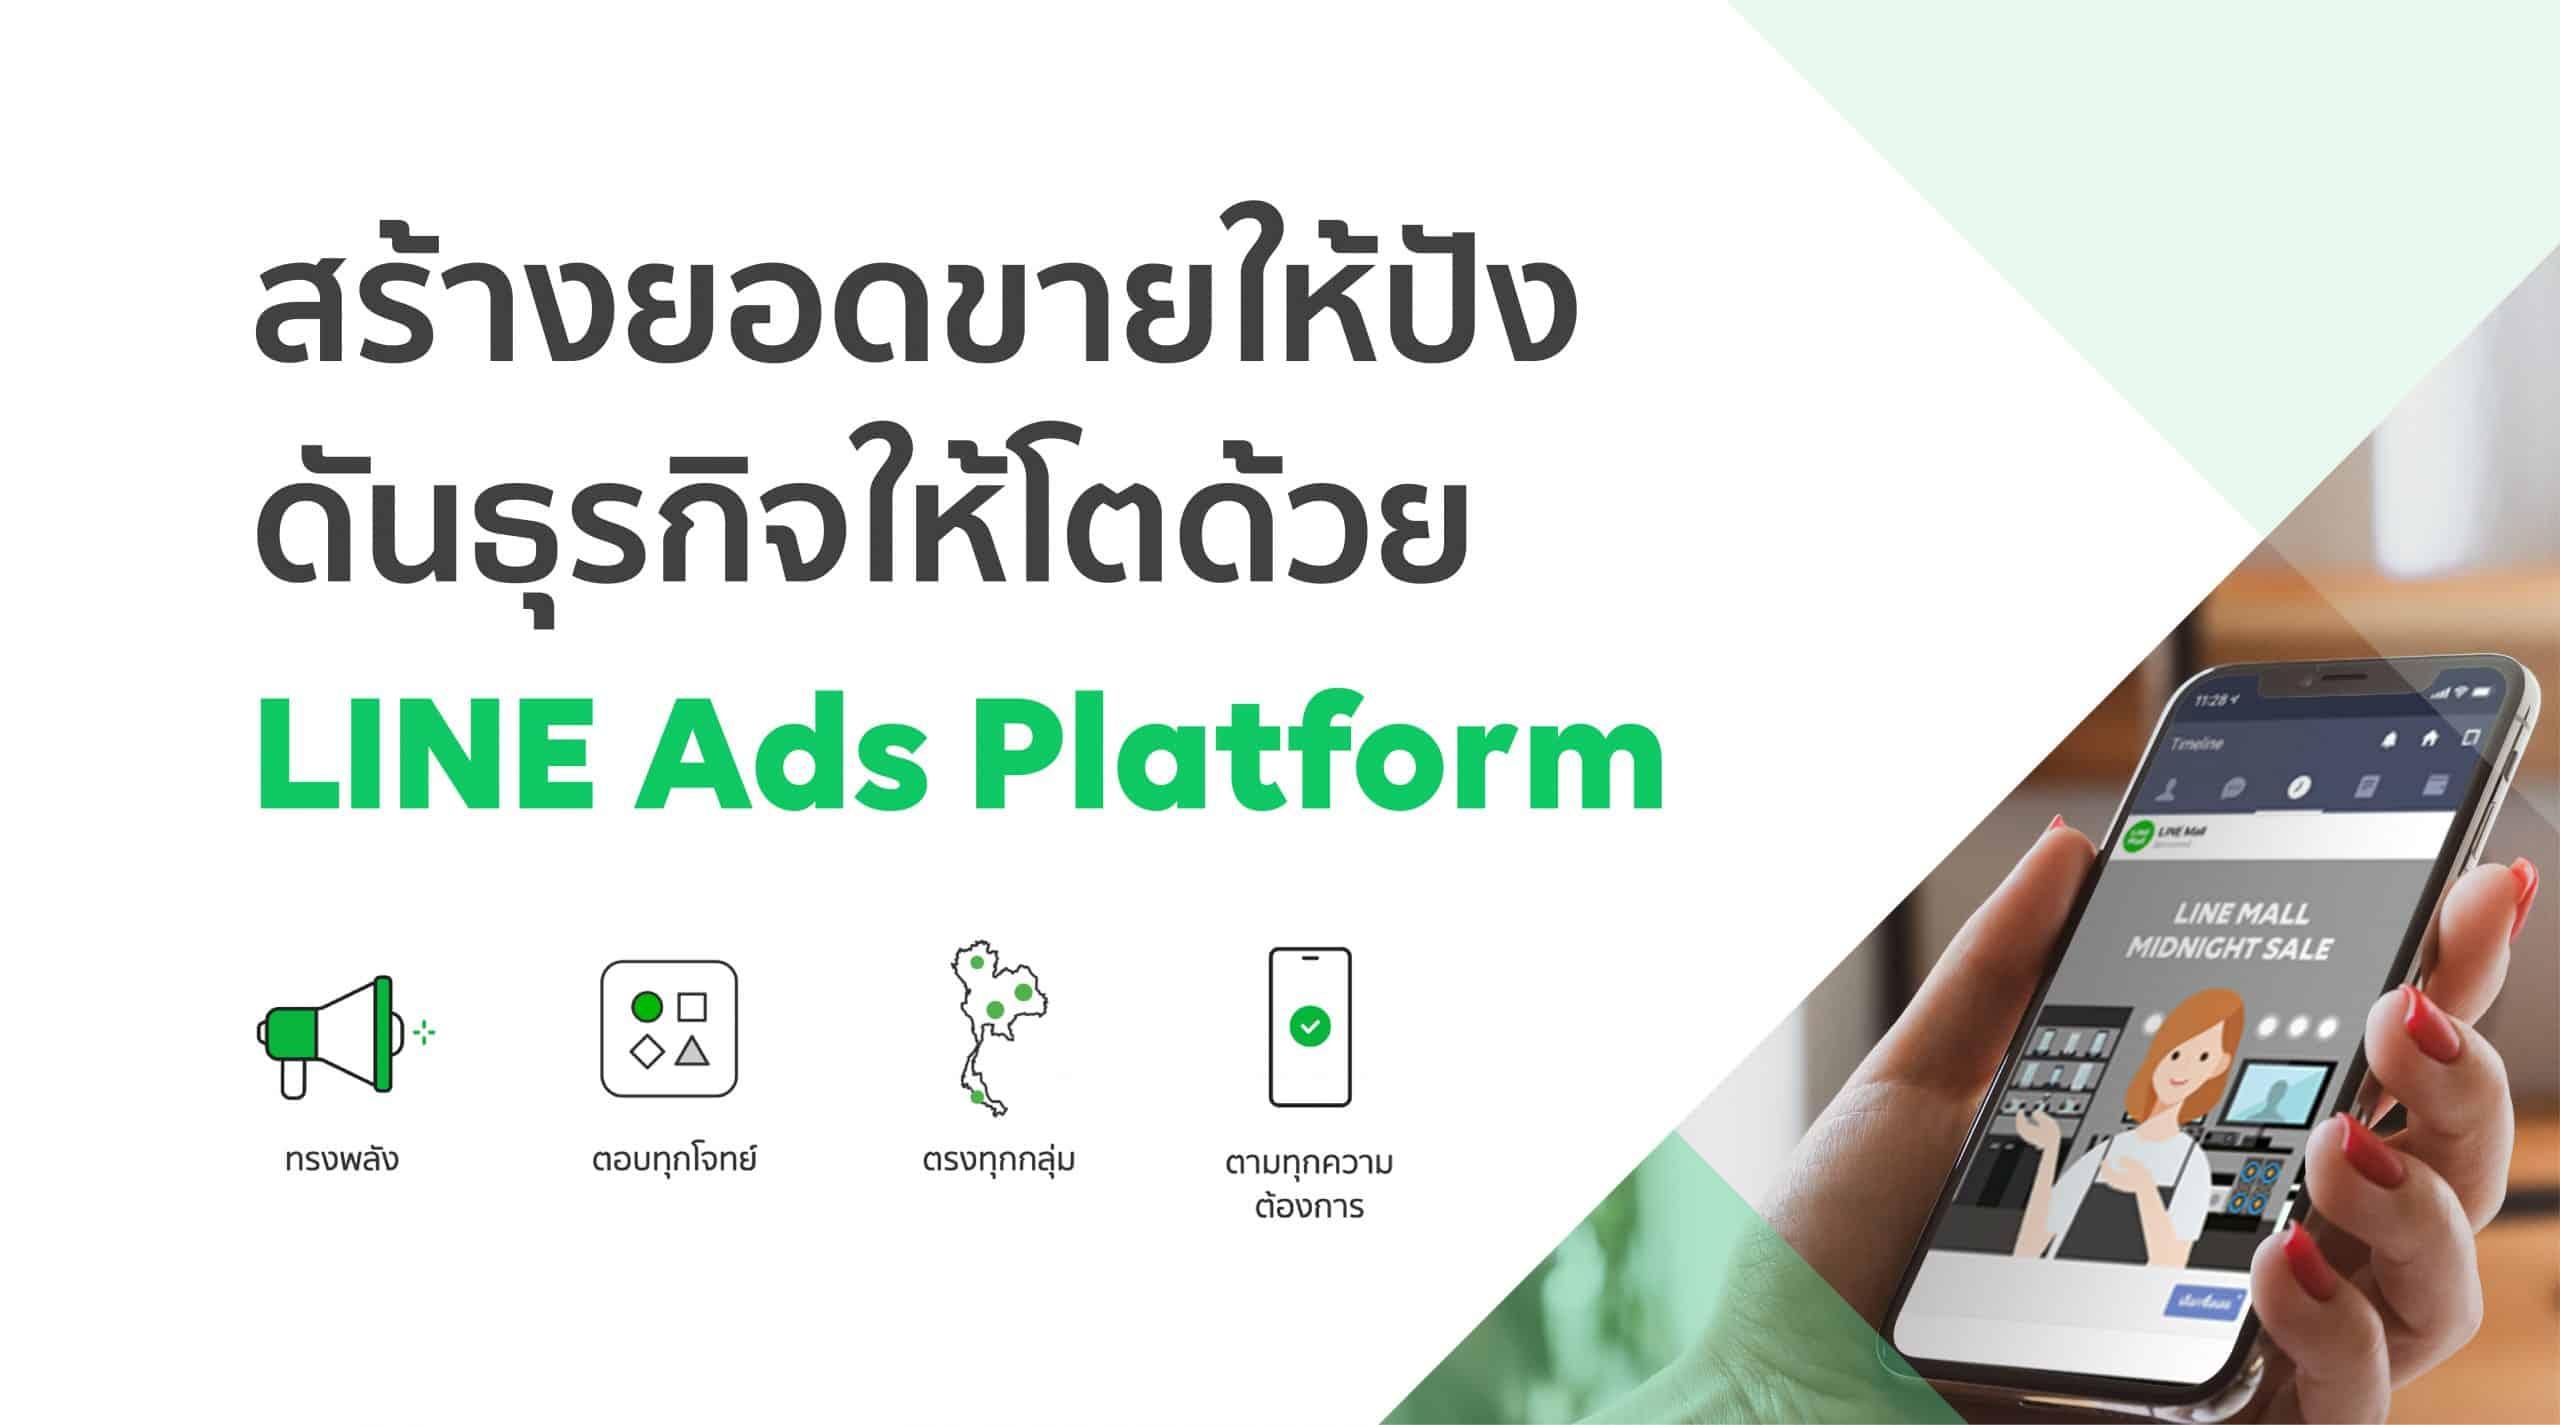 สร้างยอดขายให้ปัง ดันธุรกิจให้โตด้วย  LINE Ads Platform